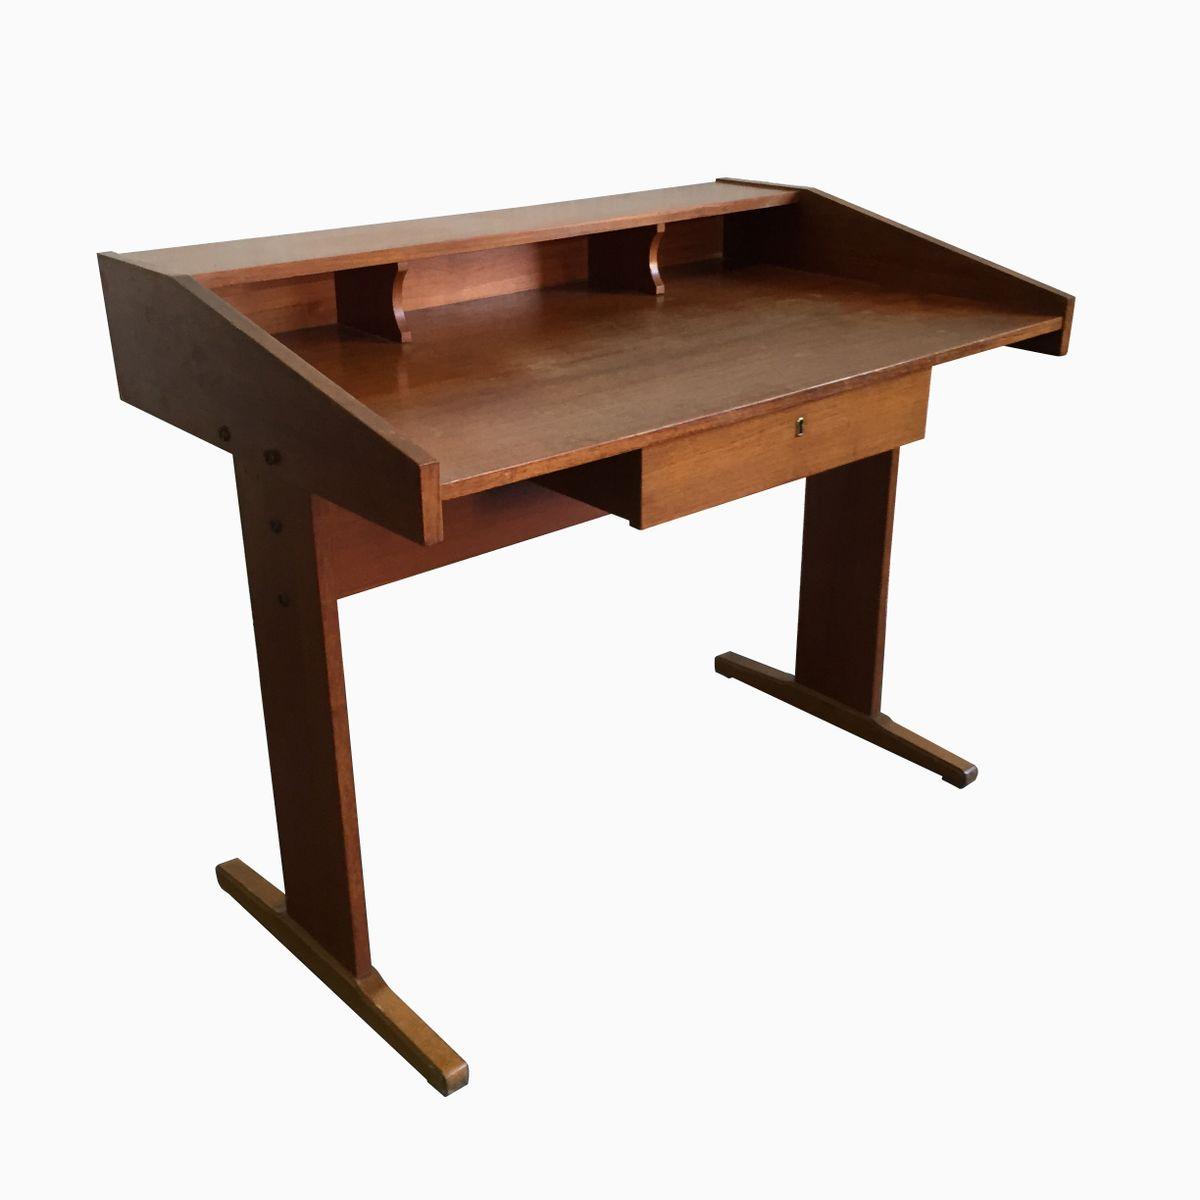 italienischer vintage schreibtisch bei pamono kaufen. Black Bedroom Furniture Sets. Home Design Ideas